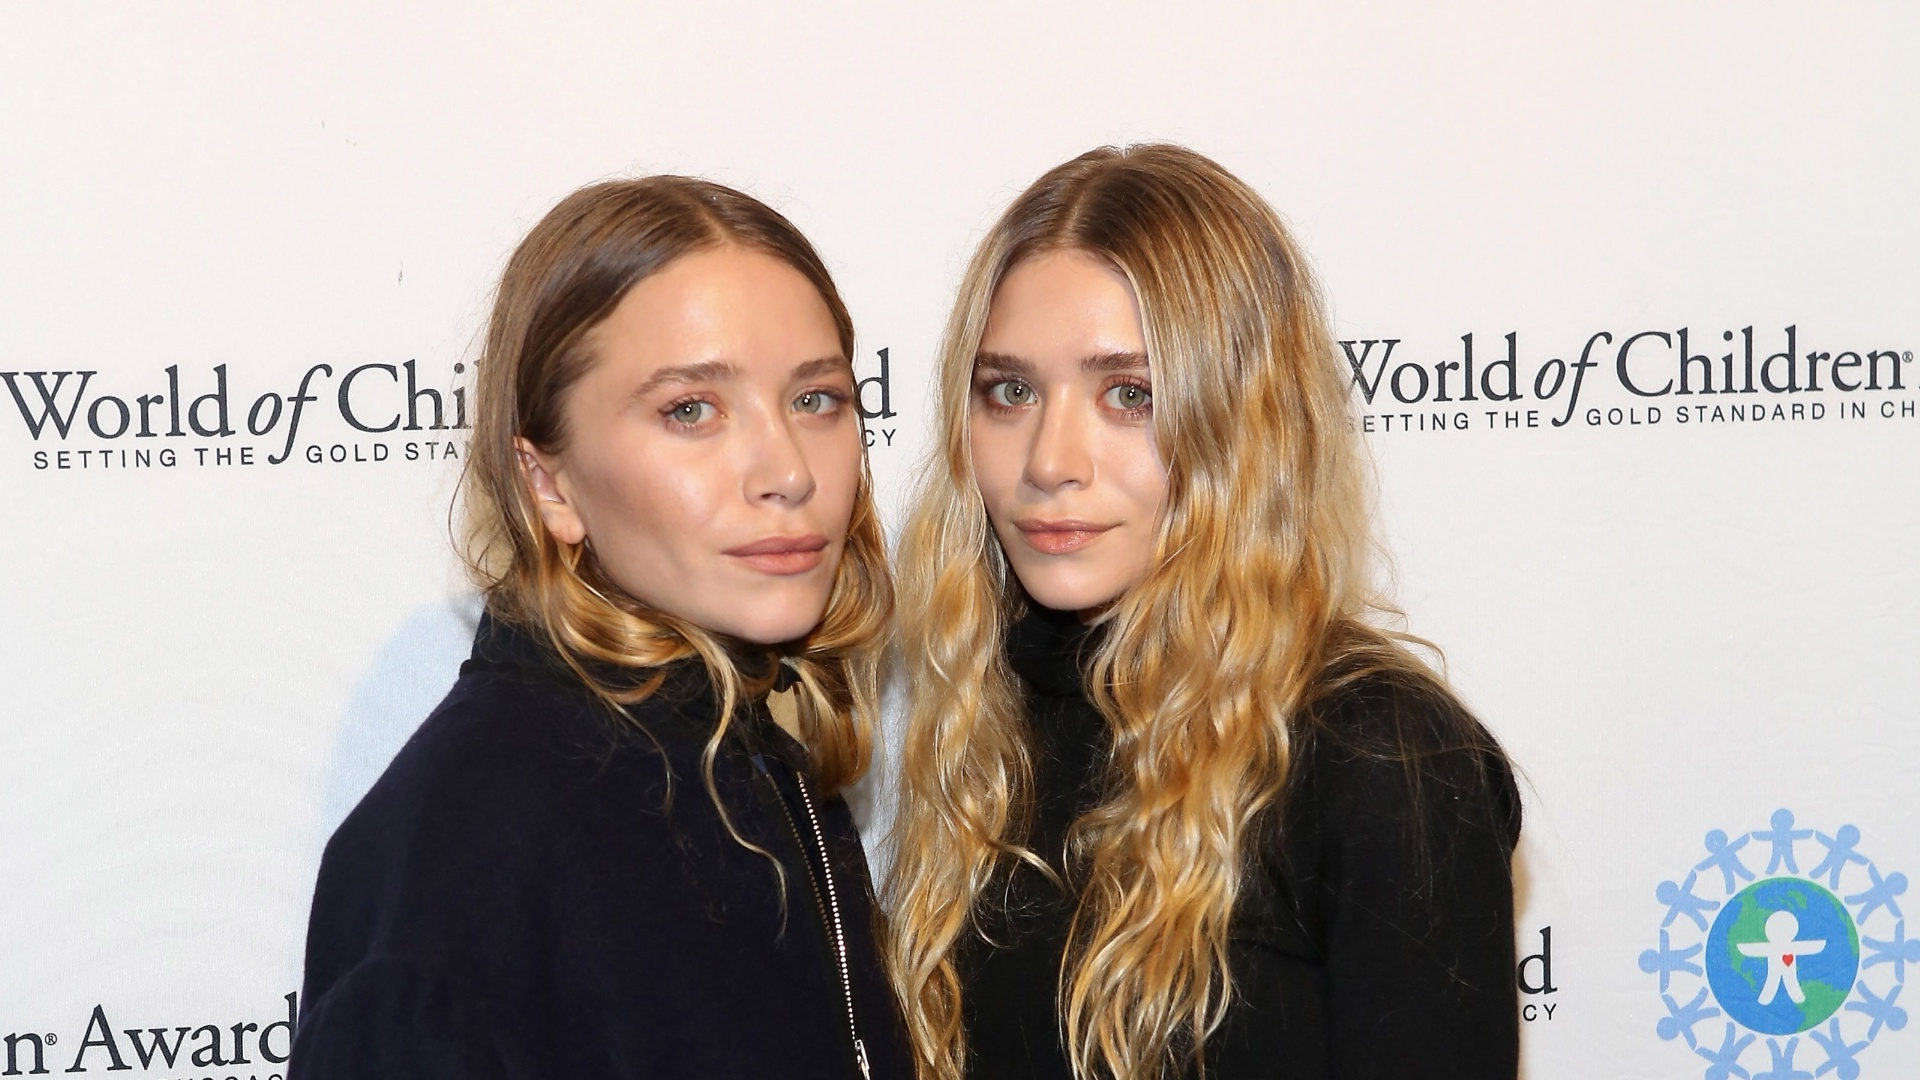 6.nov.2014 - Mary-Kate Olsen (à esquerda), aparece com visual diferente ao lado da irmã, Ashley Olsen, no World Of Children Awards, em Nova York